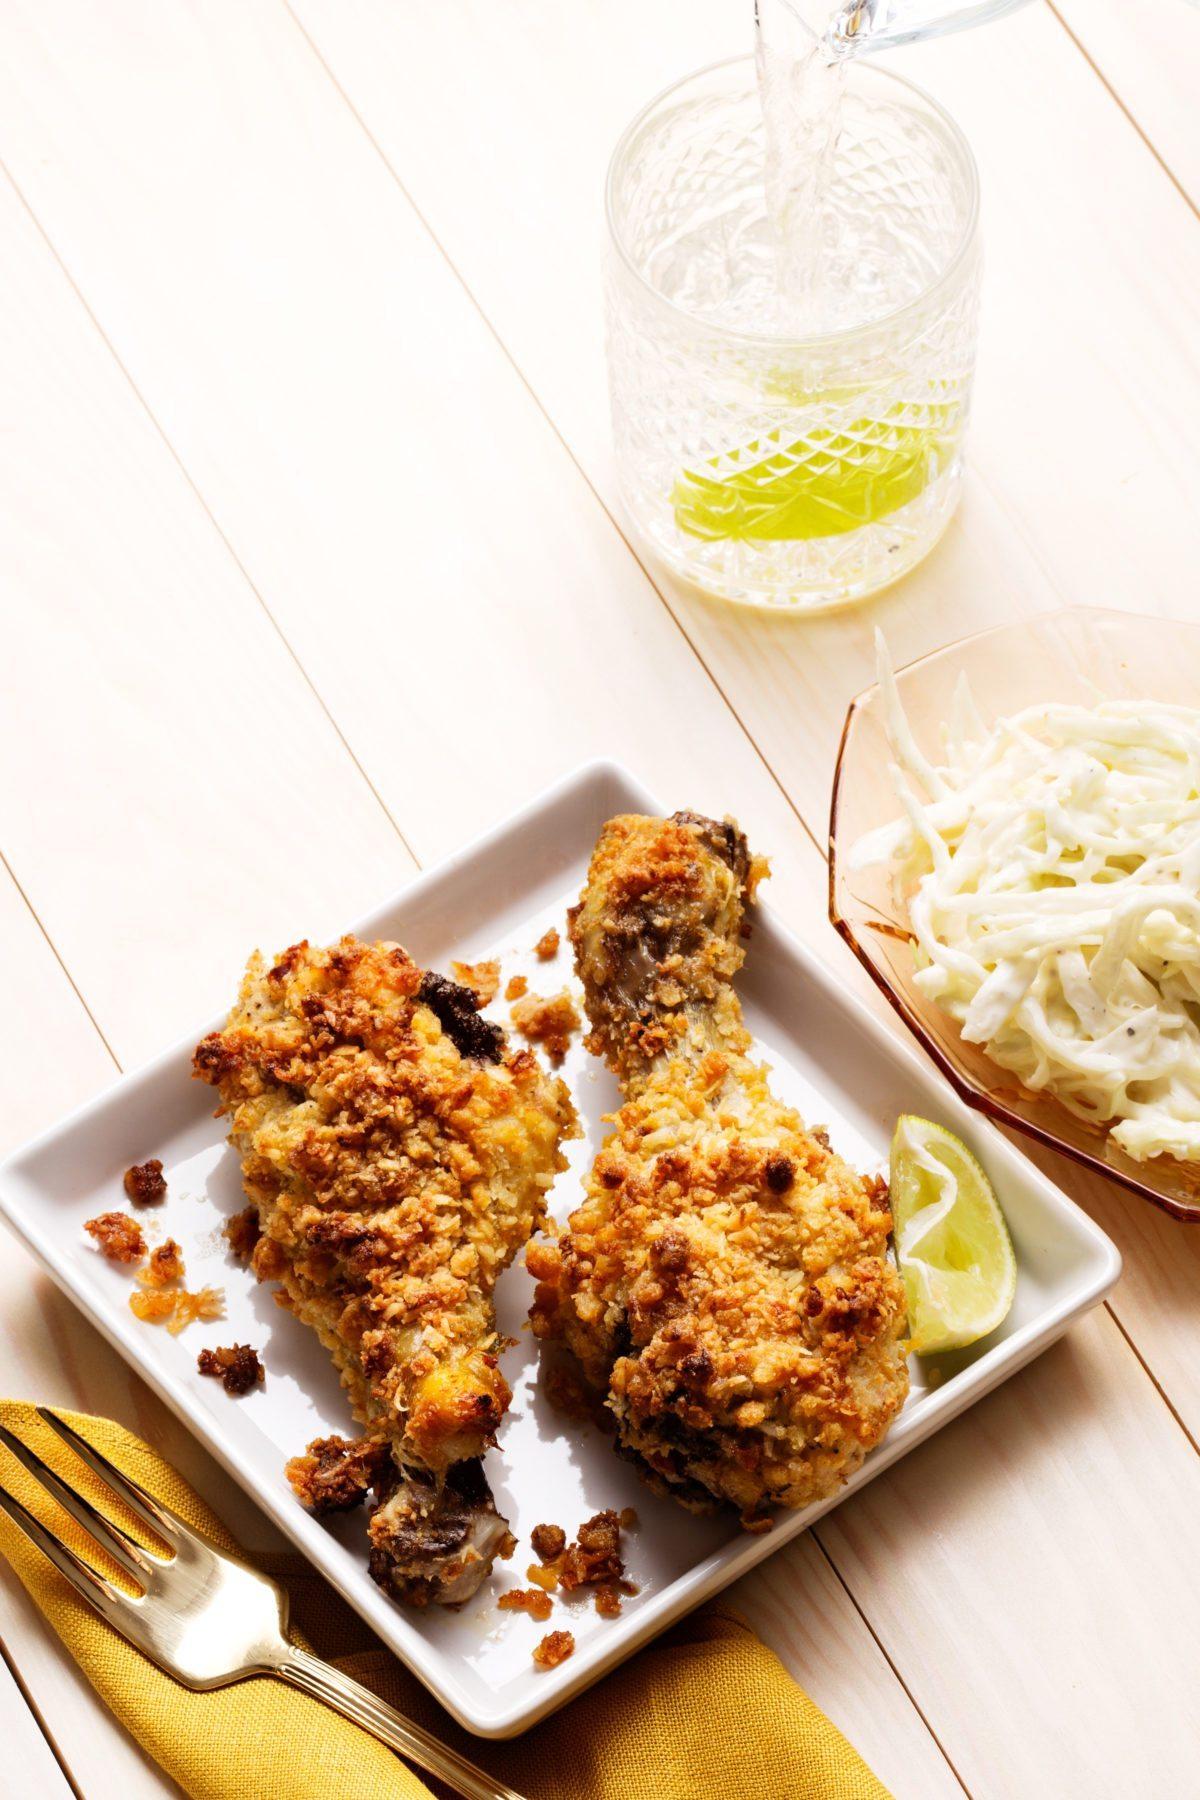 Coleslaw clipart example go food Chicken Doctor Drumsticks with Coleslaw